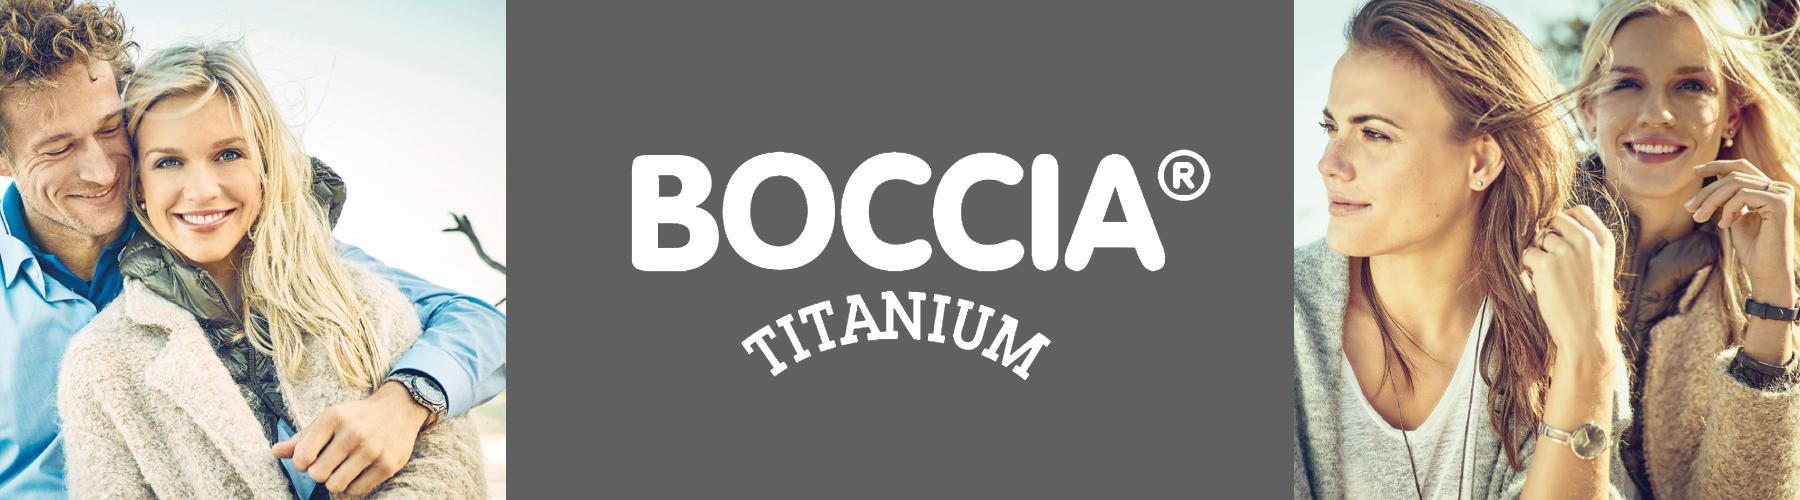 Boccia-titanium-horloges-bij-Wolters-Juweliers-Coevorden-Emmen